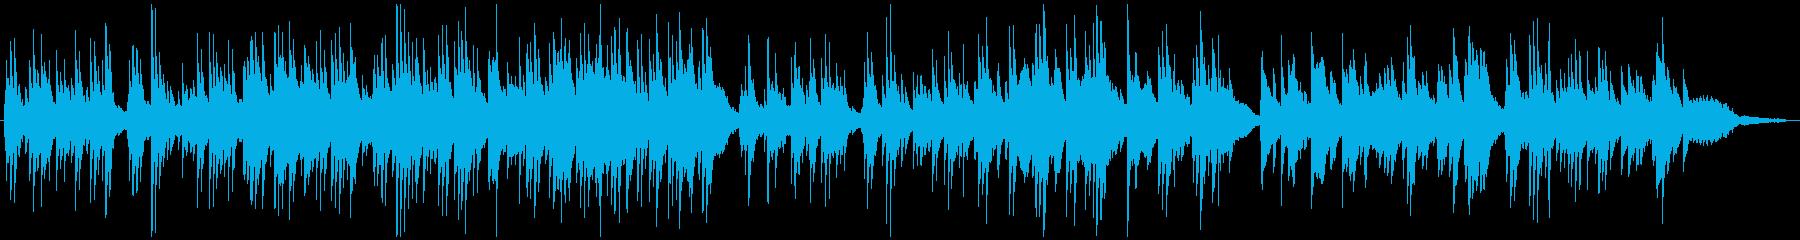 ほのぼのとした雰囲気のピアノソロBGMの再生済みの波形